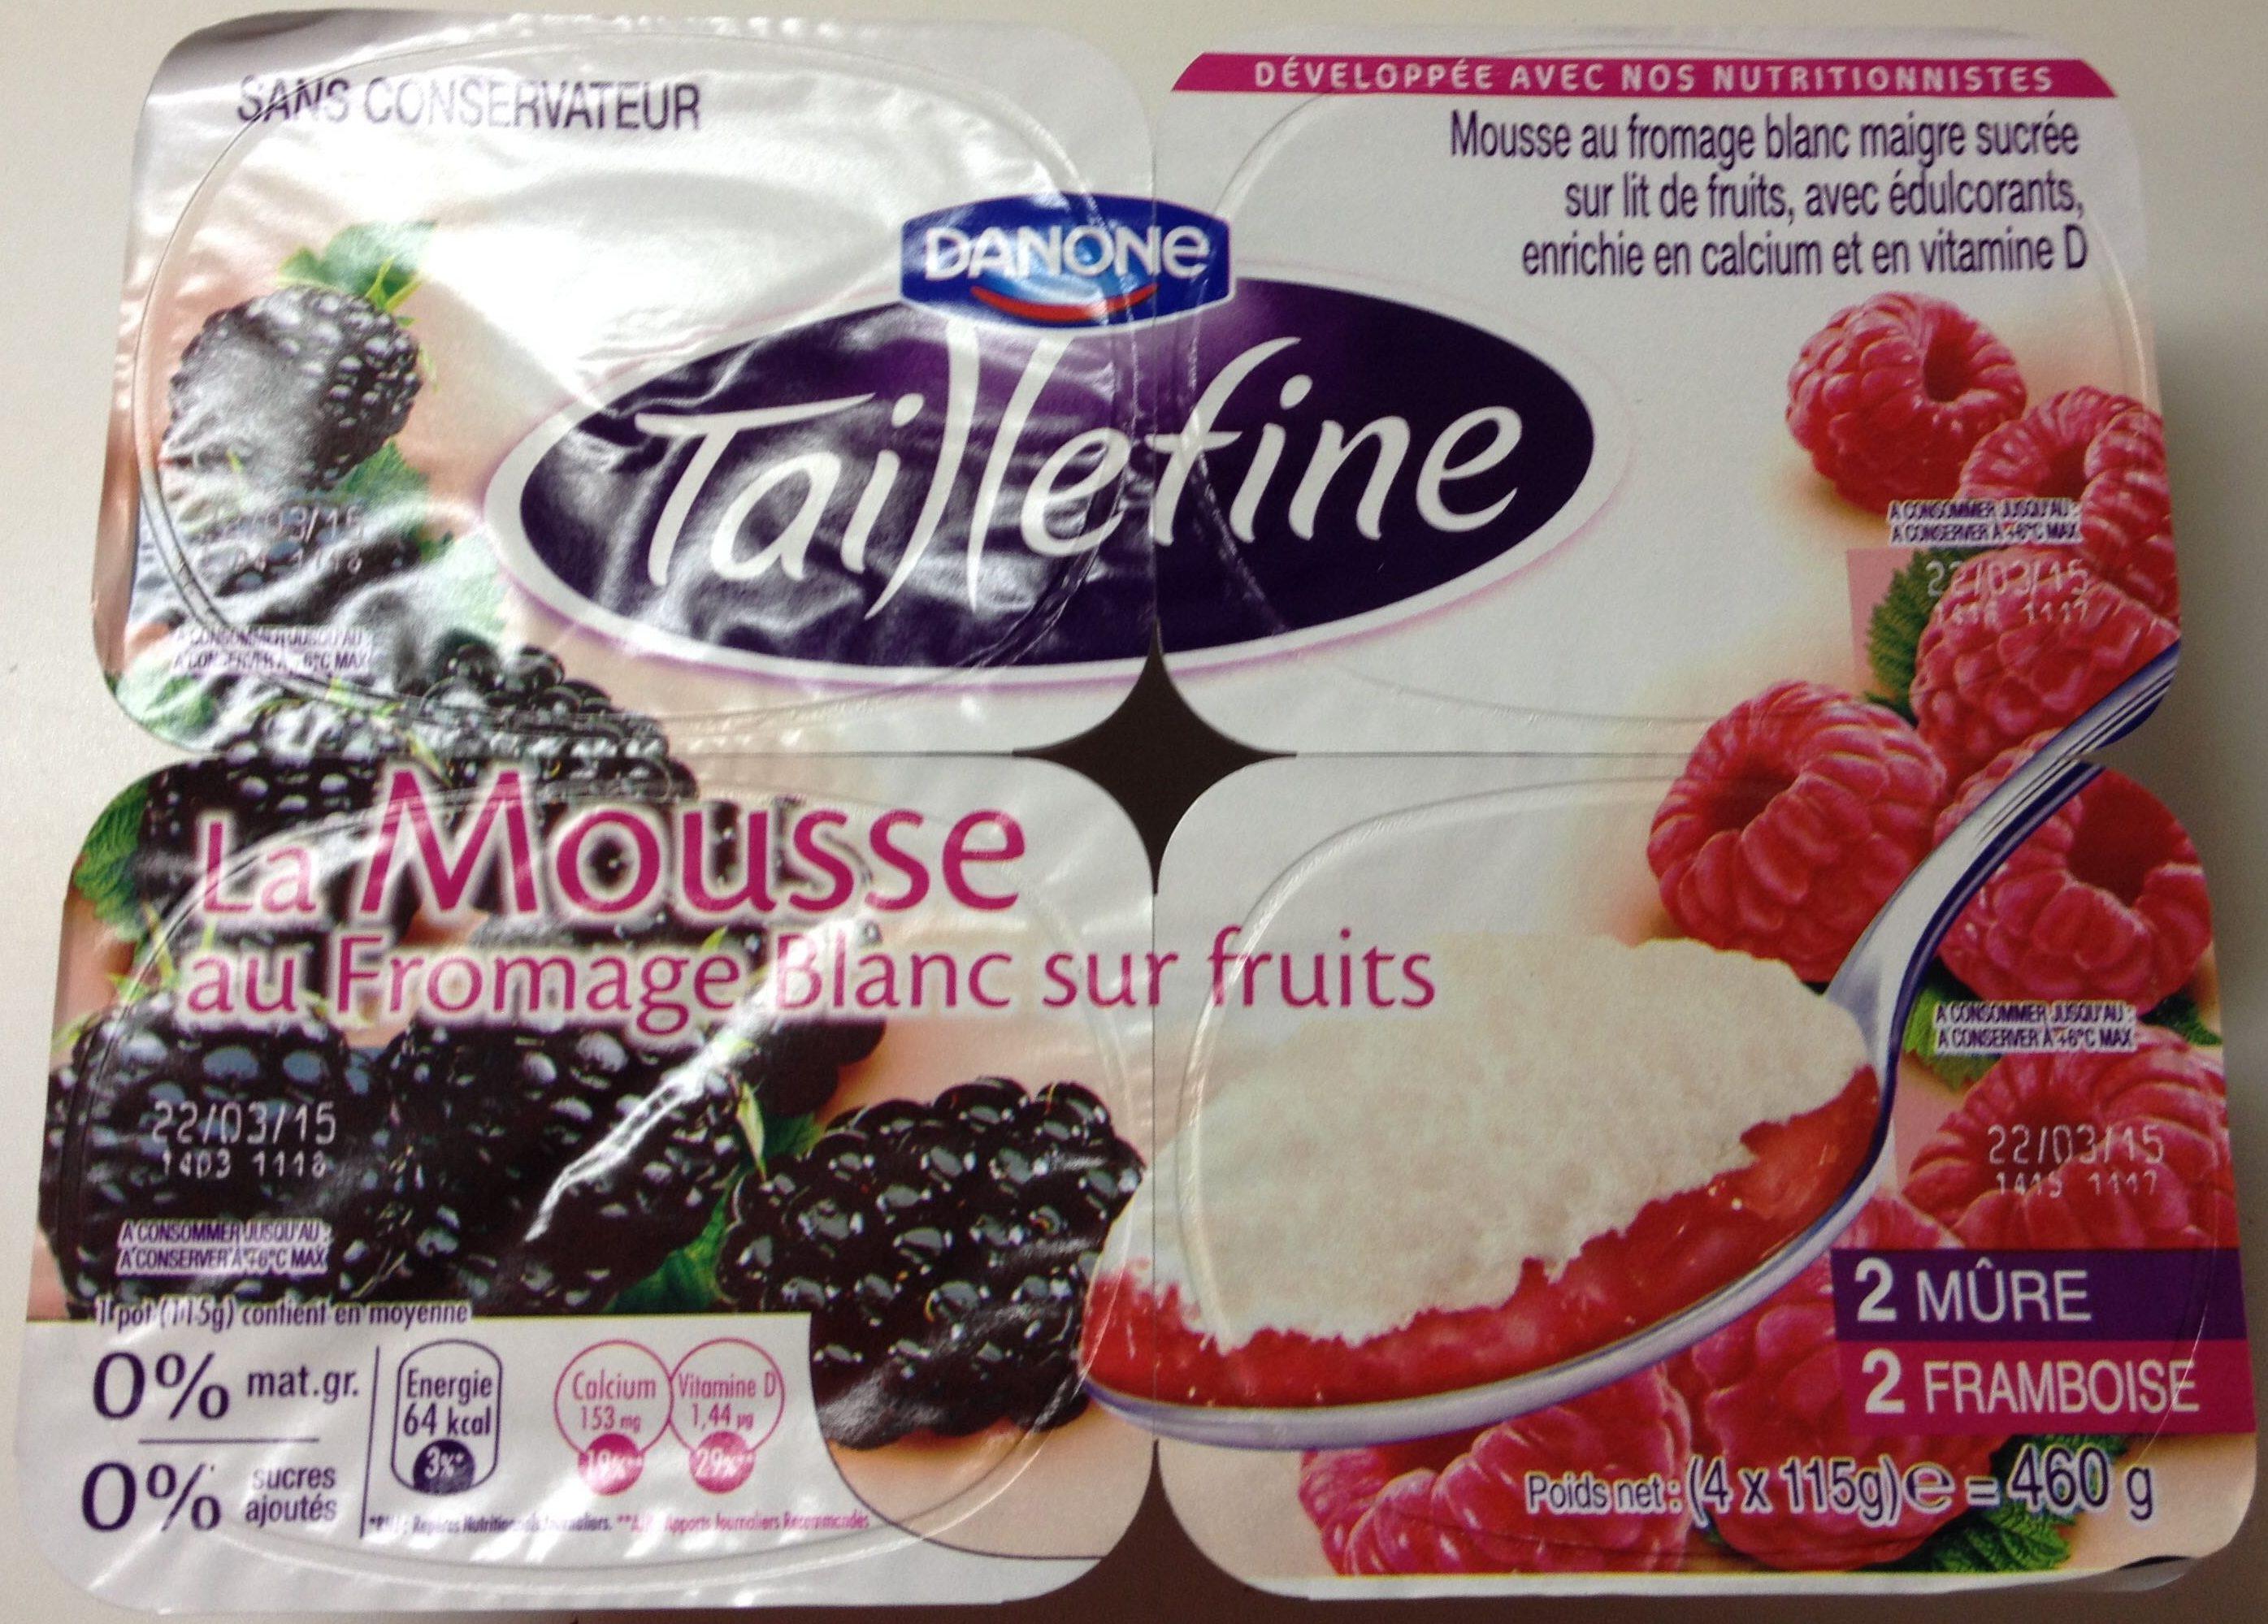 Mousse au fromage blanc sur fruits - Produit - fr